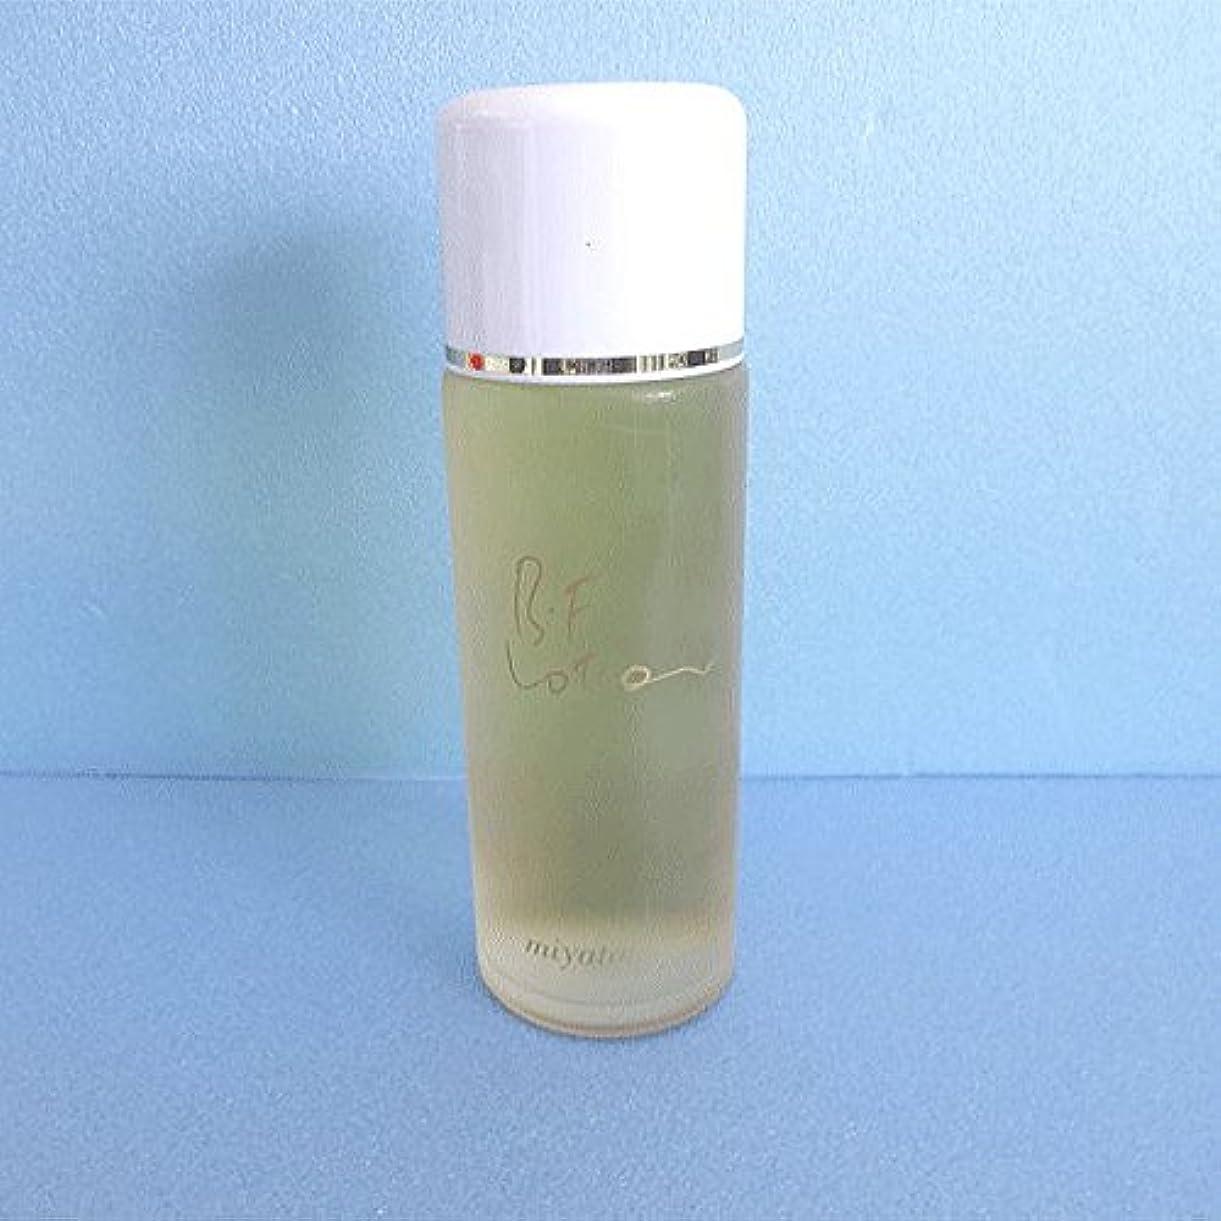 クリーク排泄するコスチュームビーエフ?ローション100ml×10本 天然野草の恵み、お肌の味方、自然化粧水。